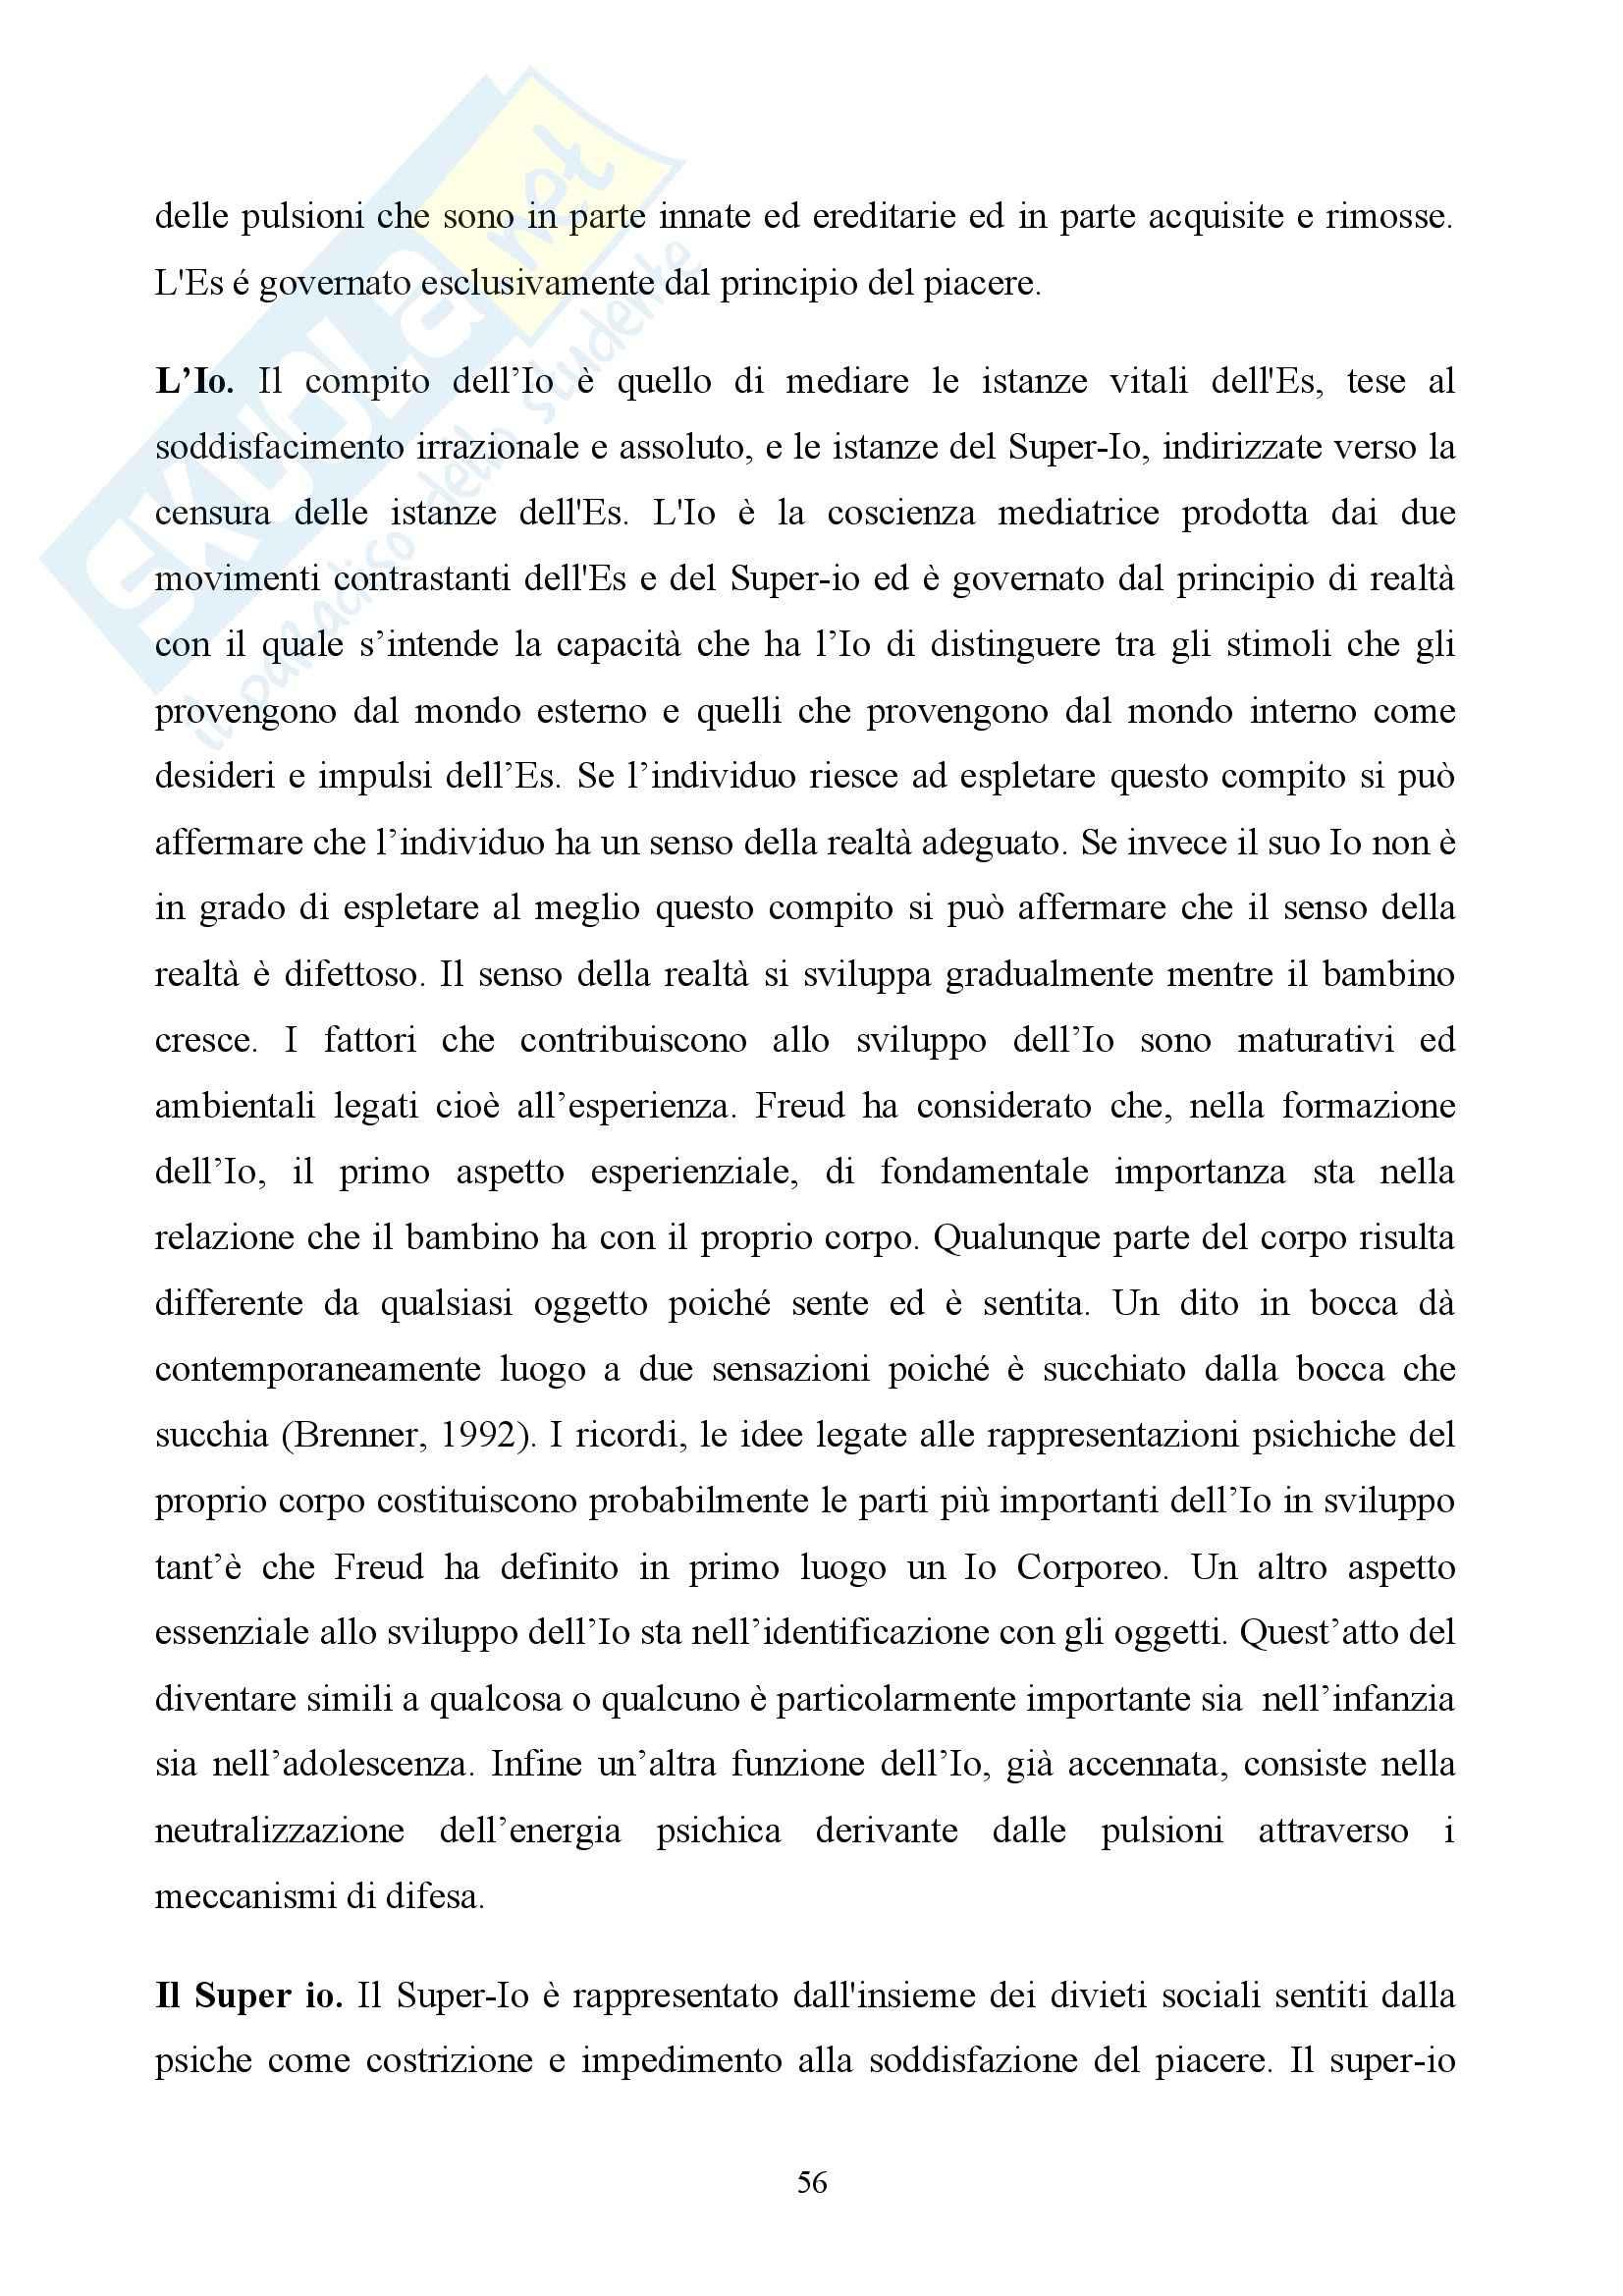 Laboratorio teoria delle emozioni - teorie delle emozioni Pag. 56